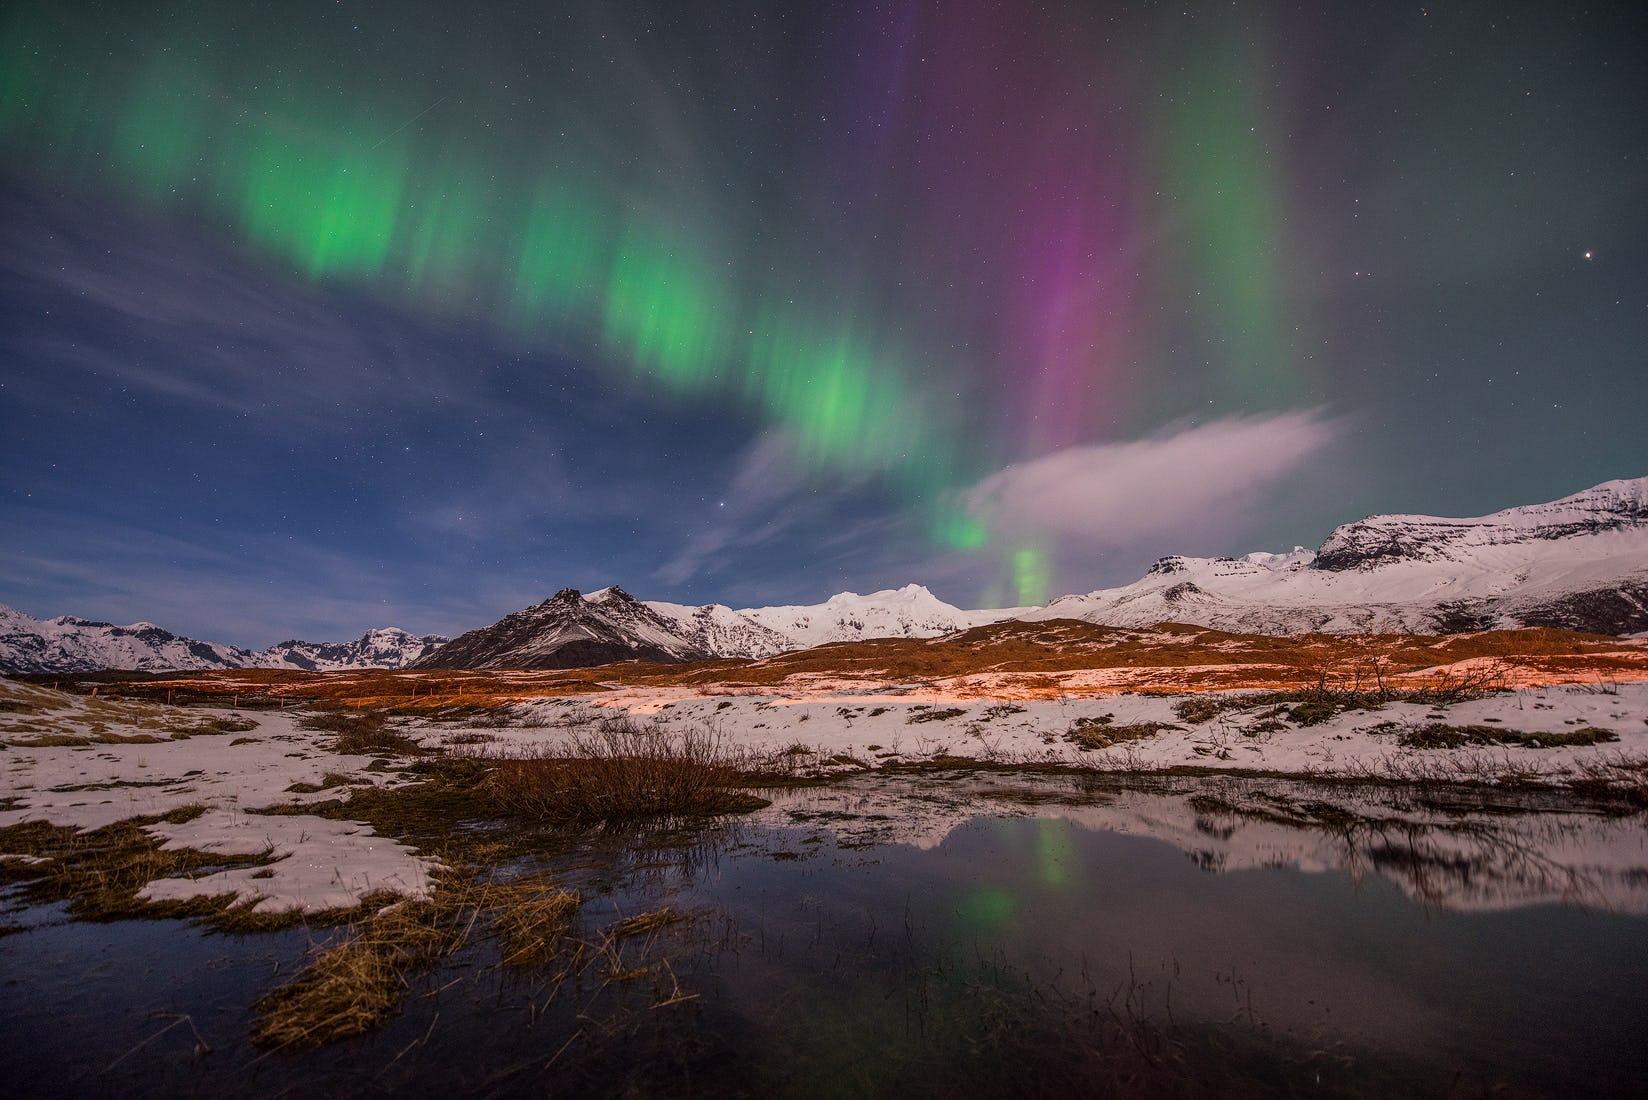 Islands verschneite Landschaften im Winter schaffen ein eisiges Wunderland, über dem man die Aurora Borealis bewundern kann.